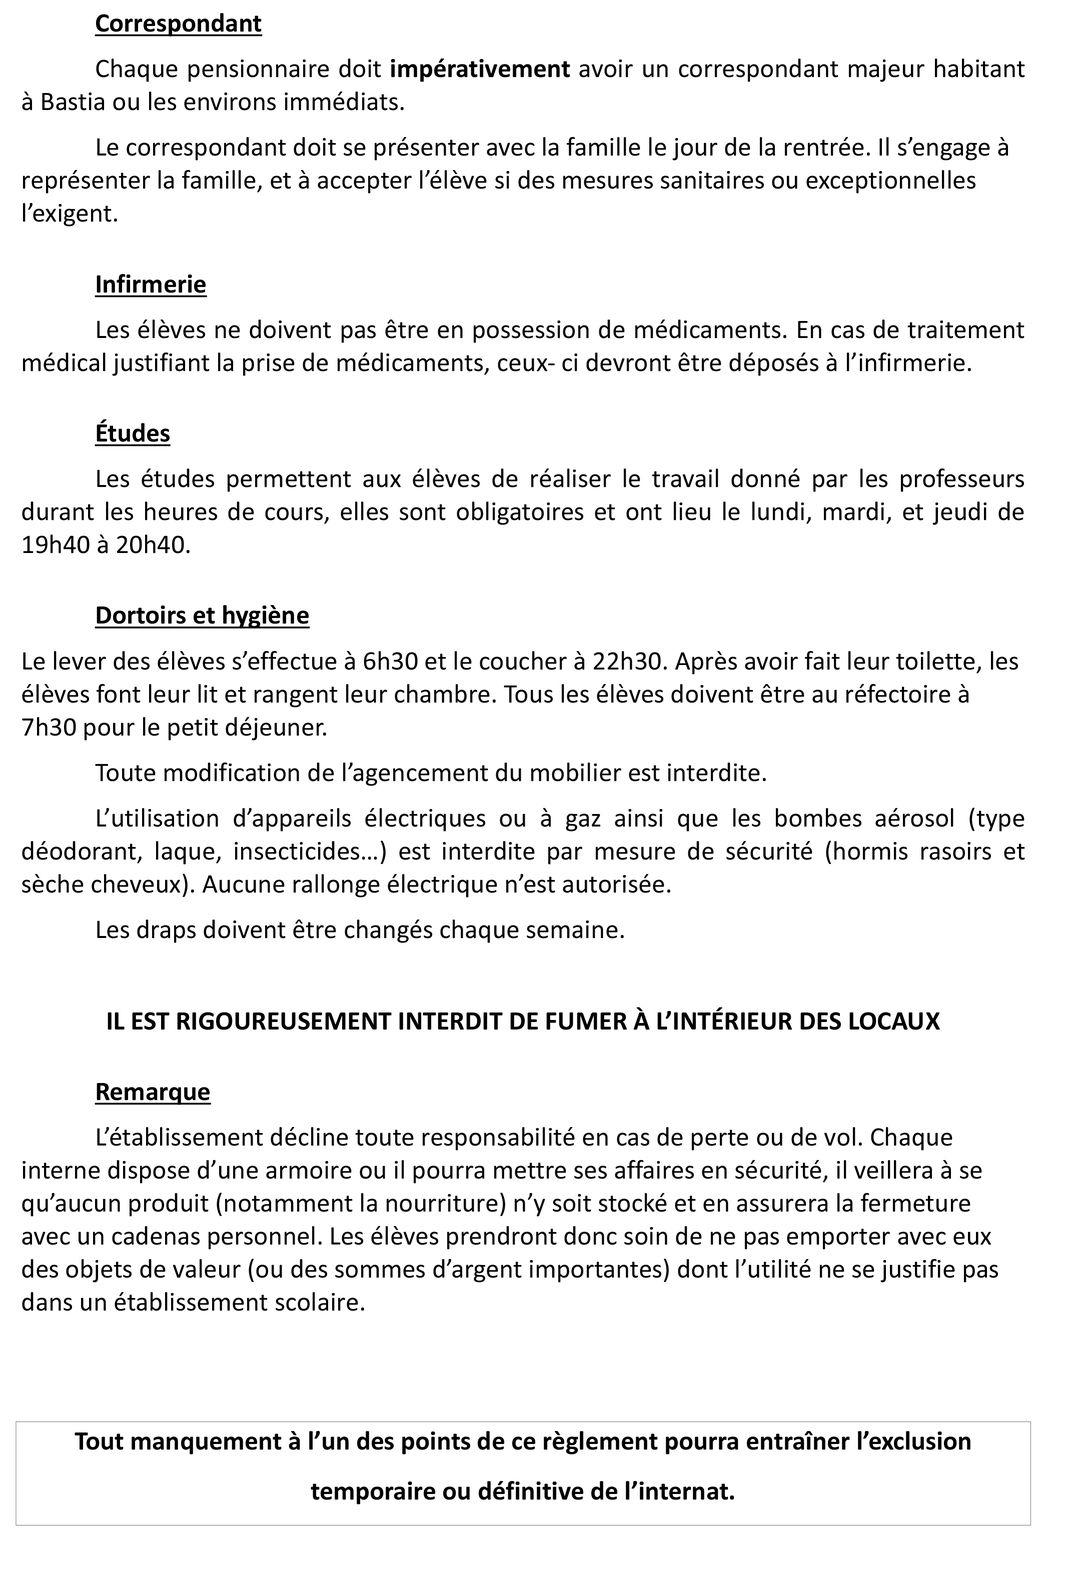 Règlement interieur de linternat